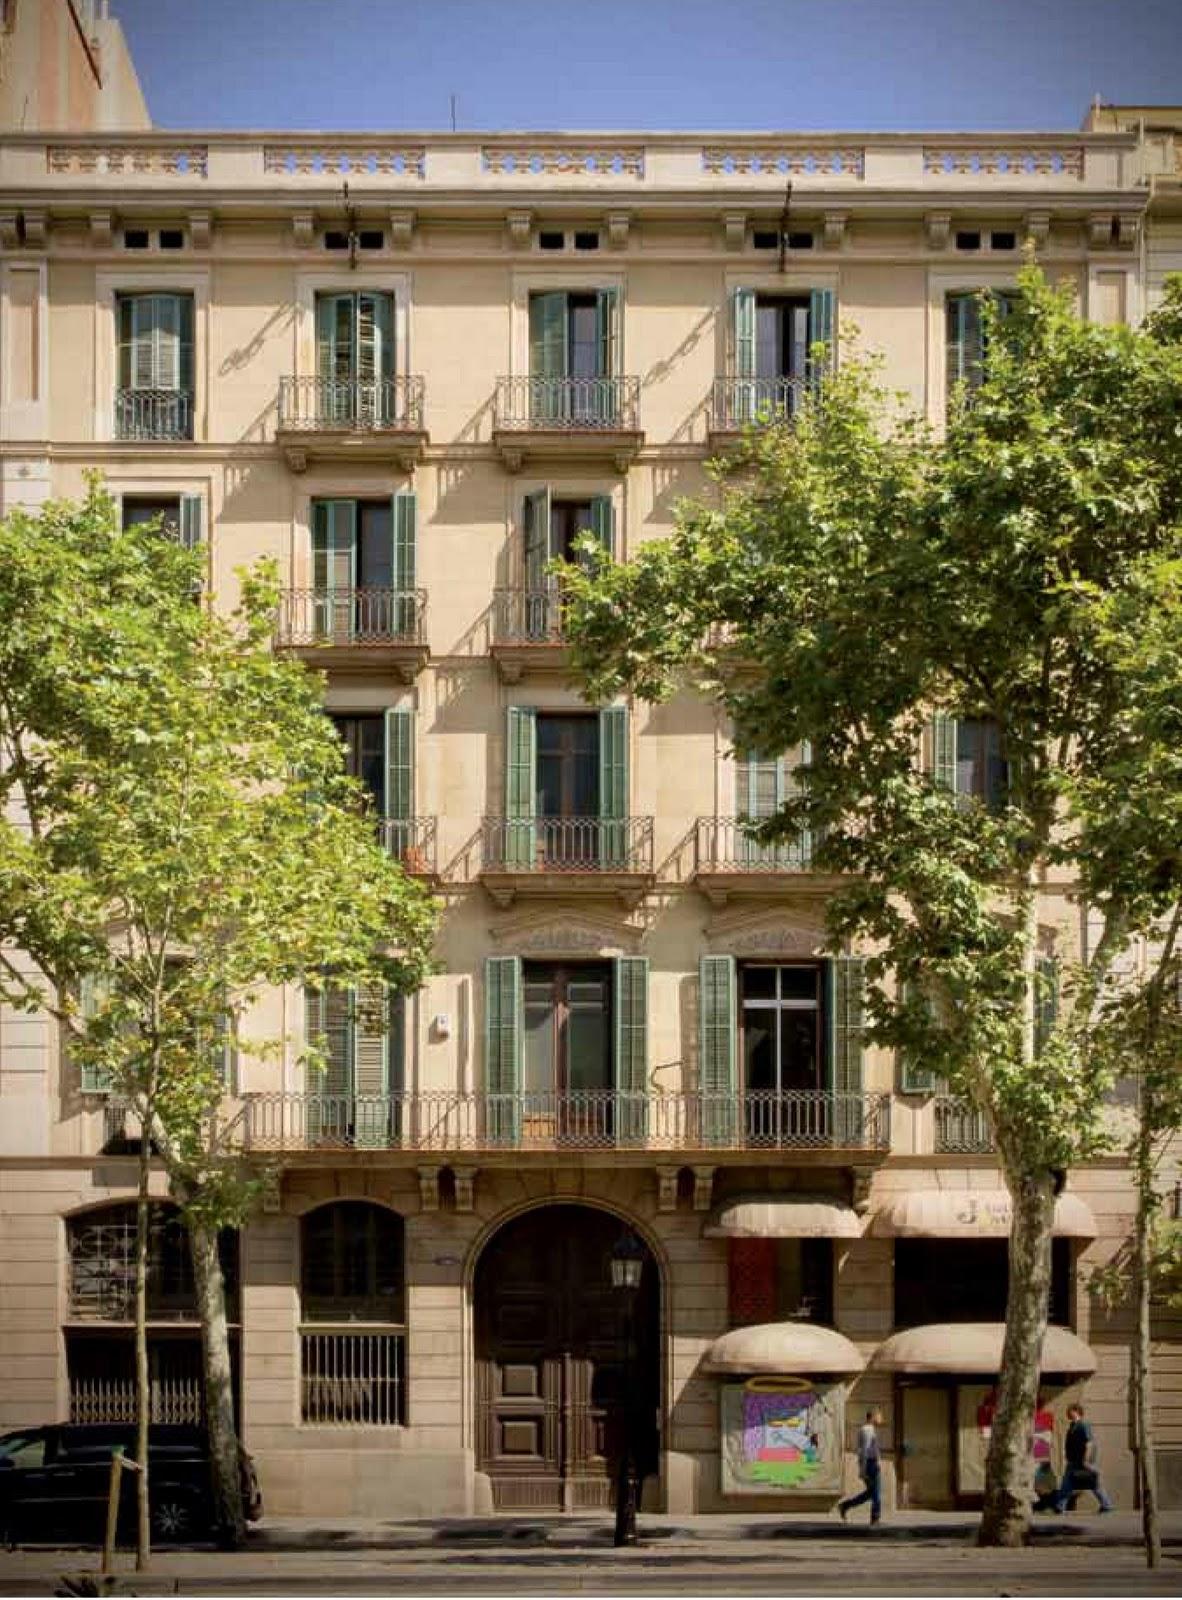 Conoce el edificio de casa decor 2011 en barcelona blog tendencias y decoraci n - Decoradores interioristas barcelona ...